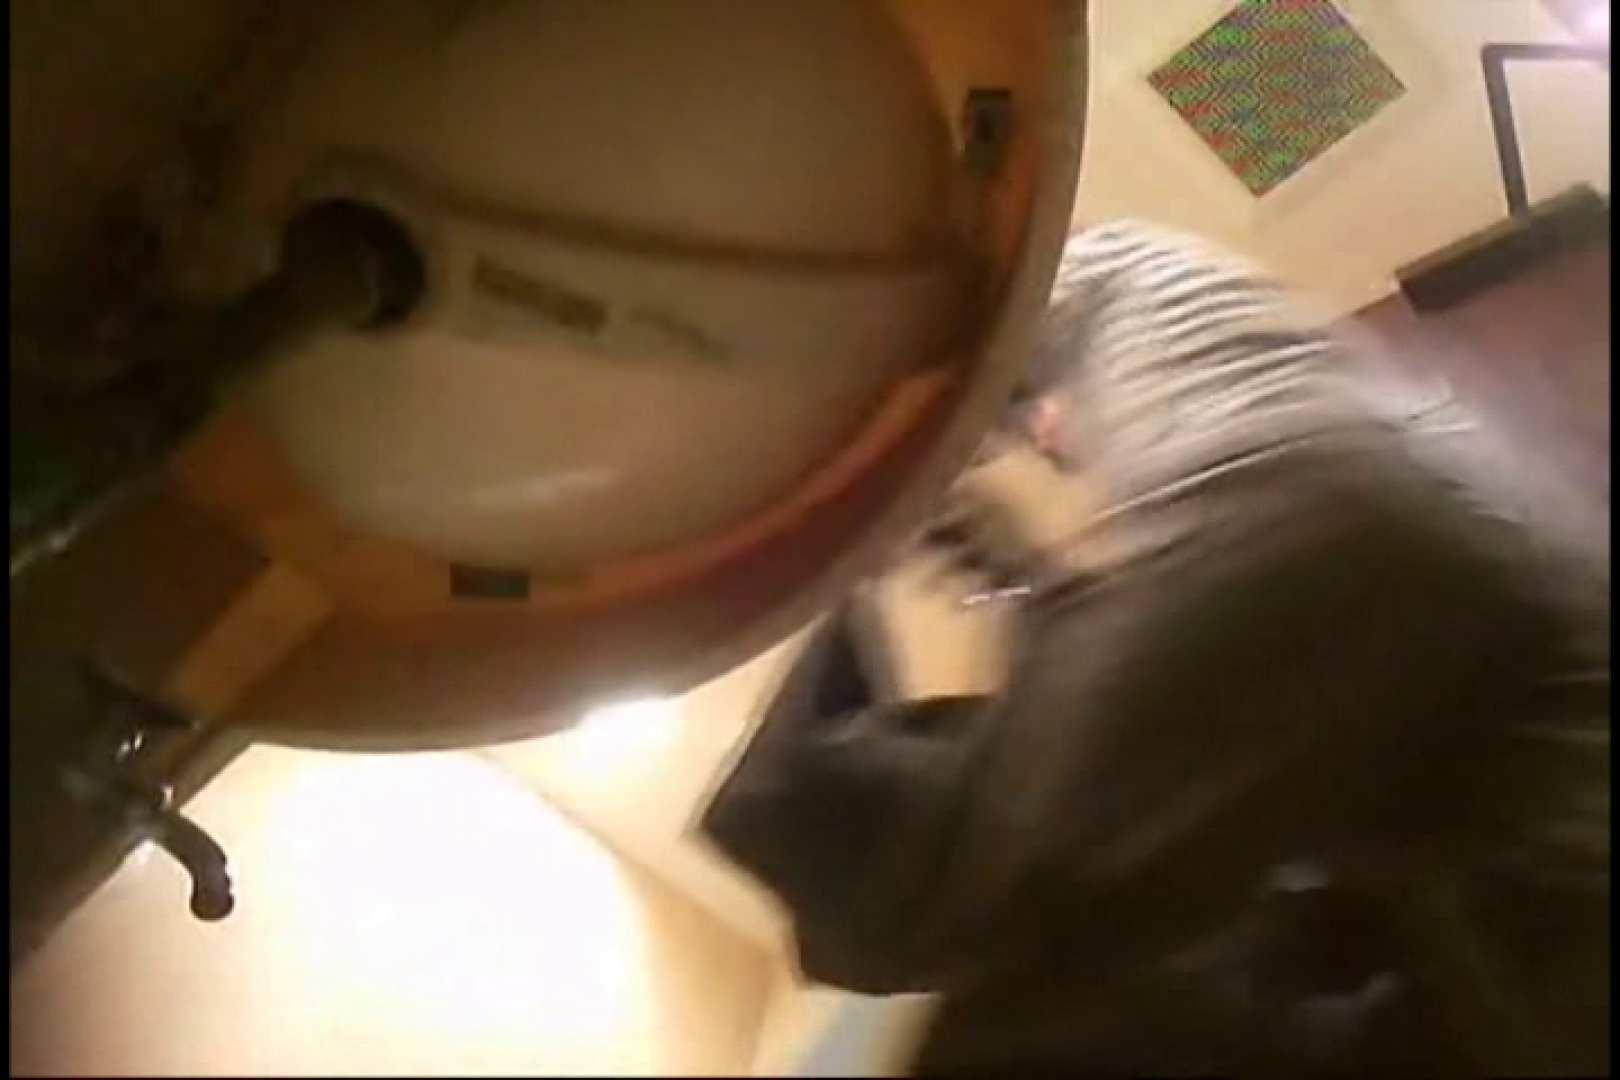 画質向上!新亀さん厠 vol.02 黄金水 オメコ動画キャプチャ 99pic 47